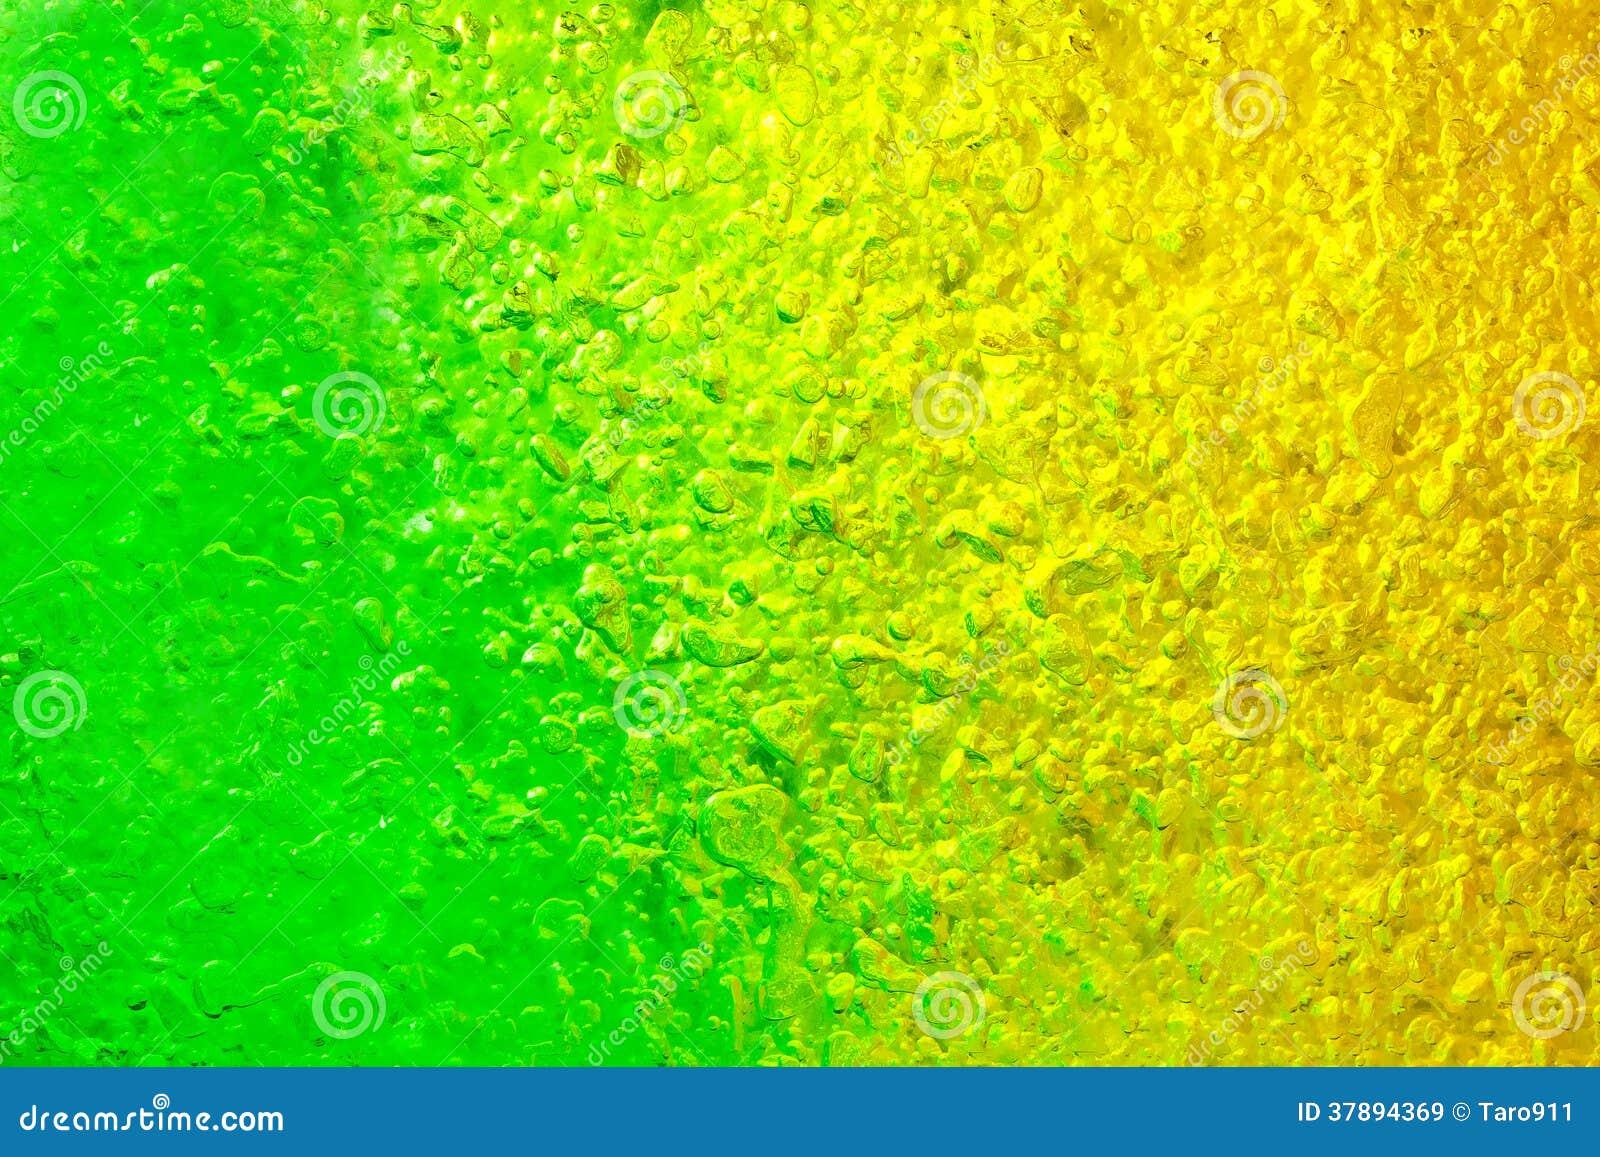 Groen en geel Gel